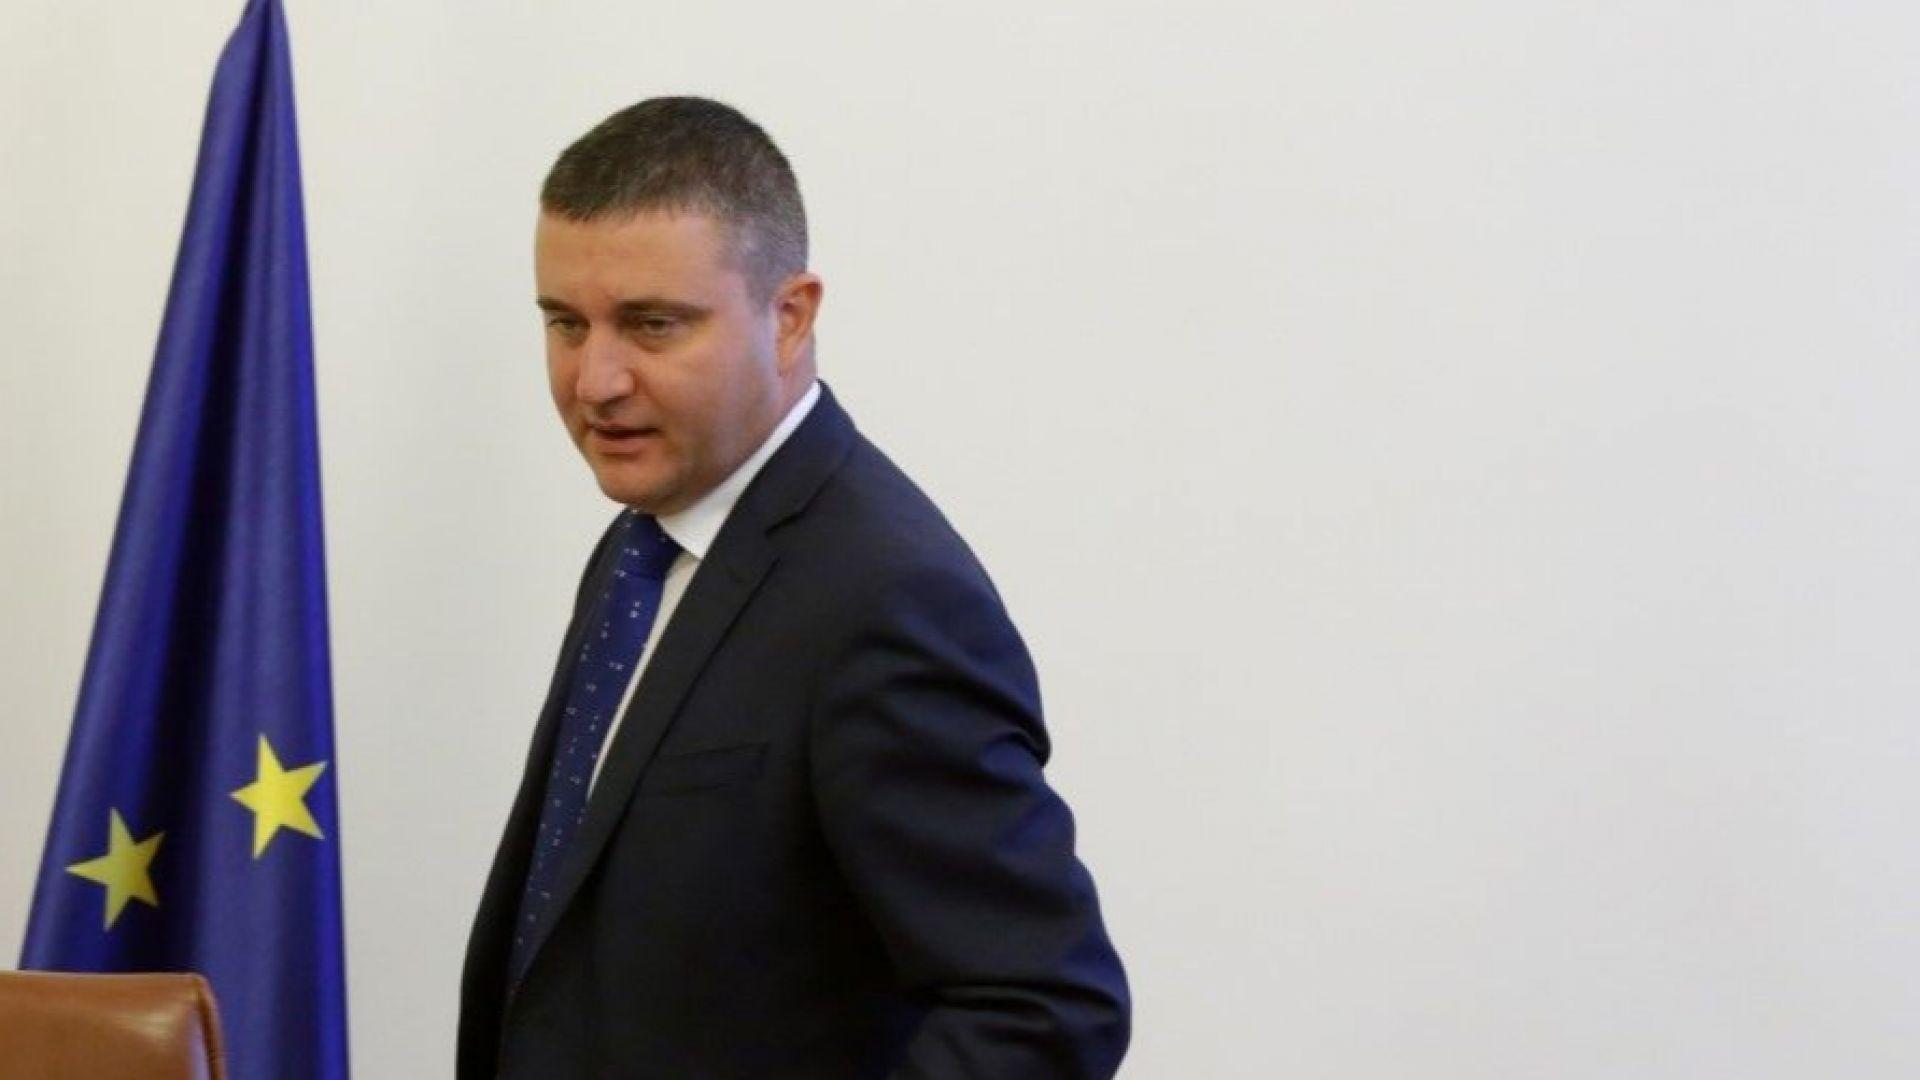 Горанов: Не трябва да обезглавяваме НАП, шефът на ЦРУ не напусна след Уикилийкс